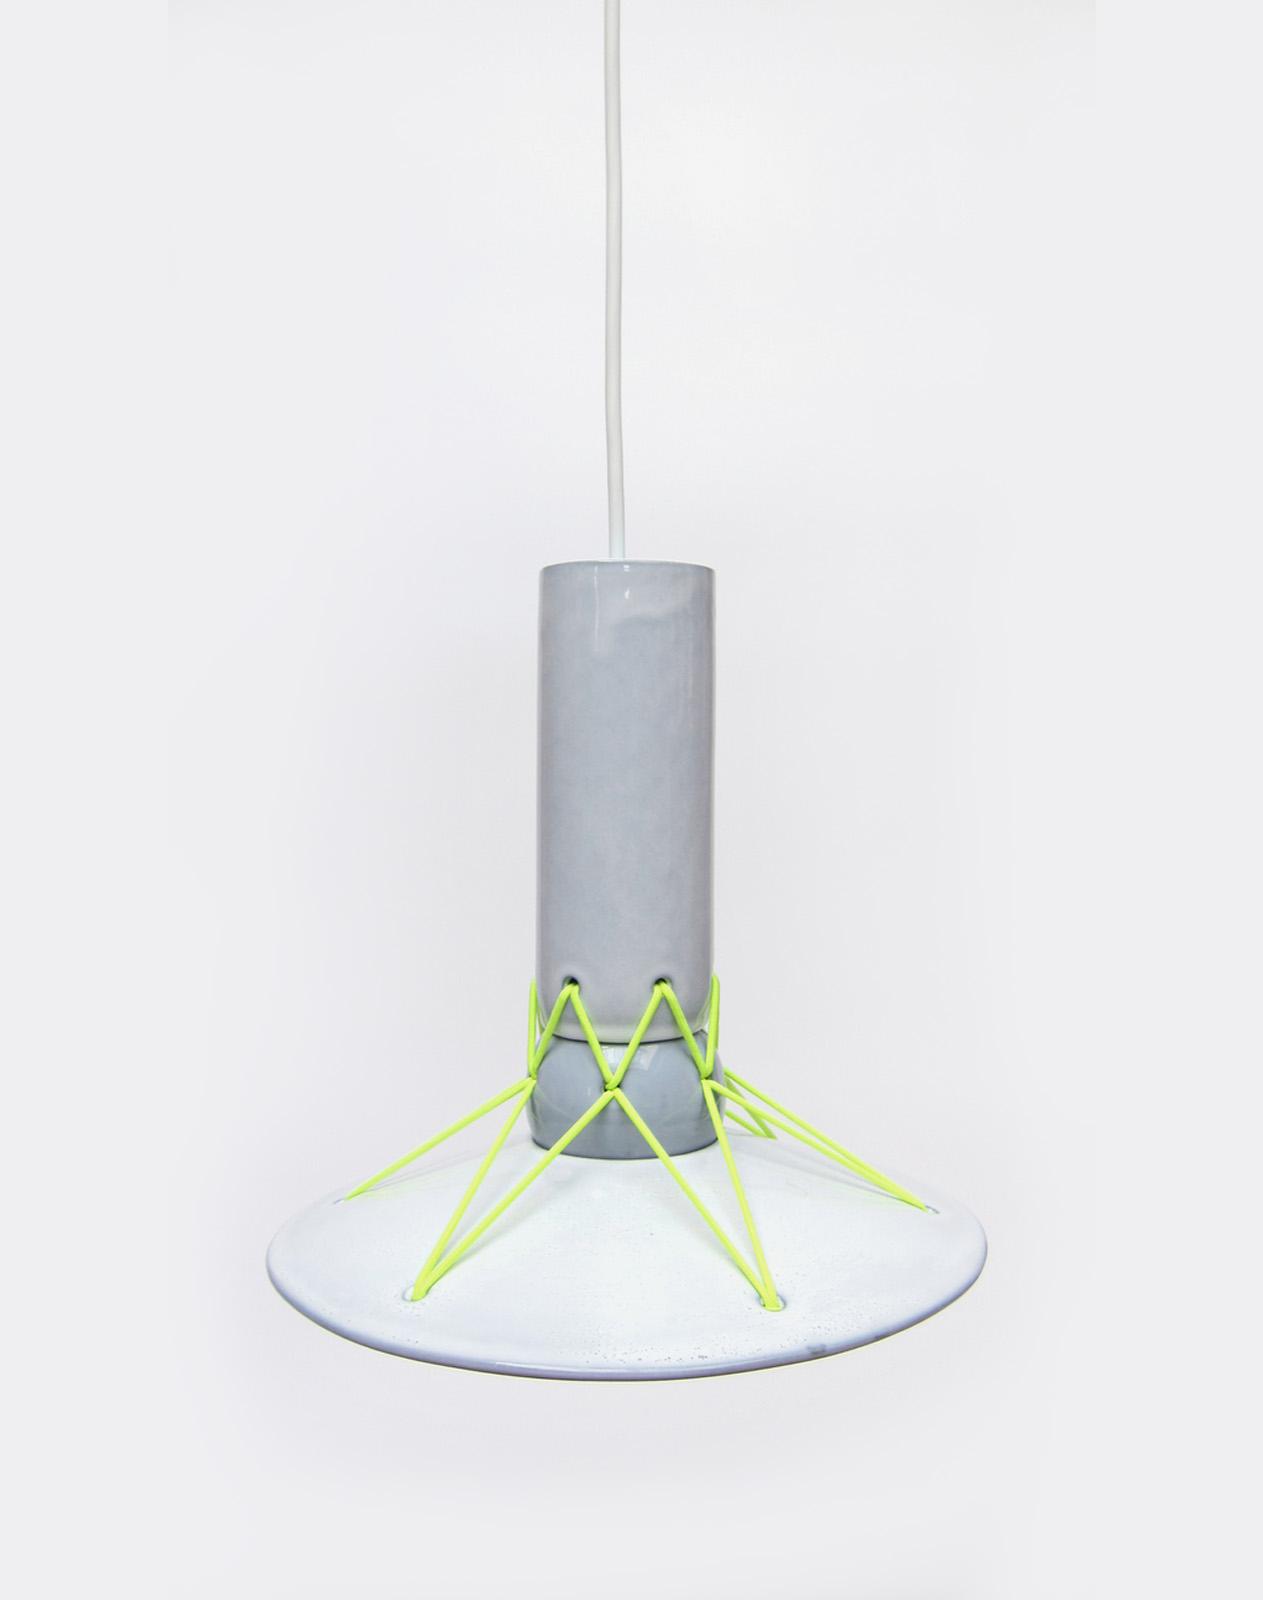 lamparas-marta-bordes-iluminacion-ceramica-2